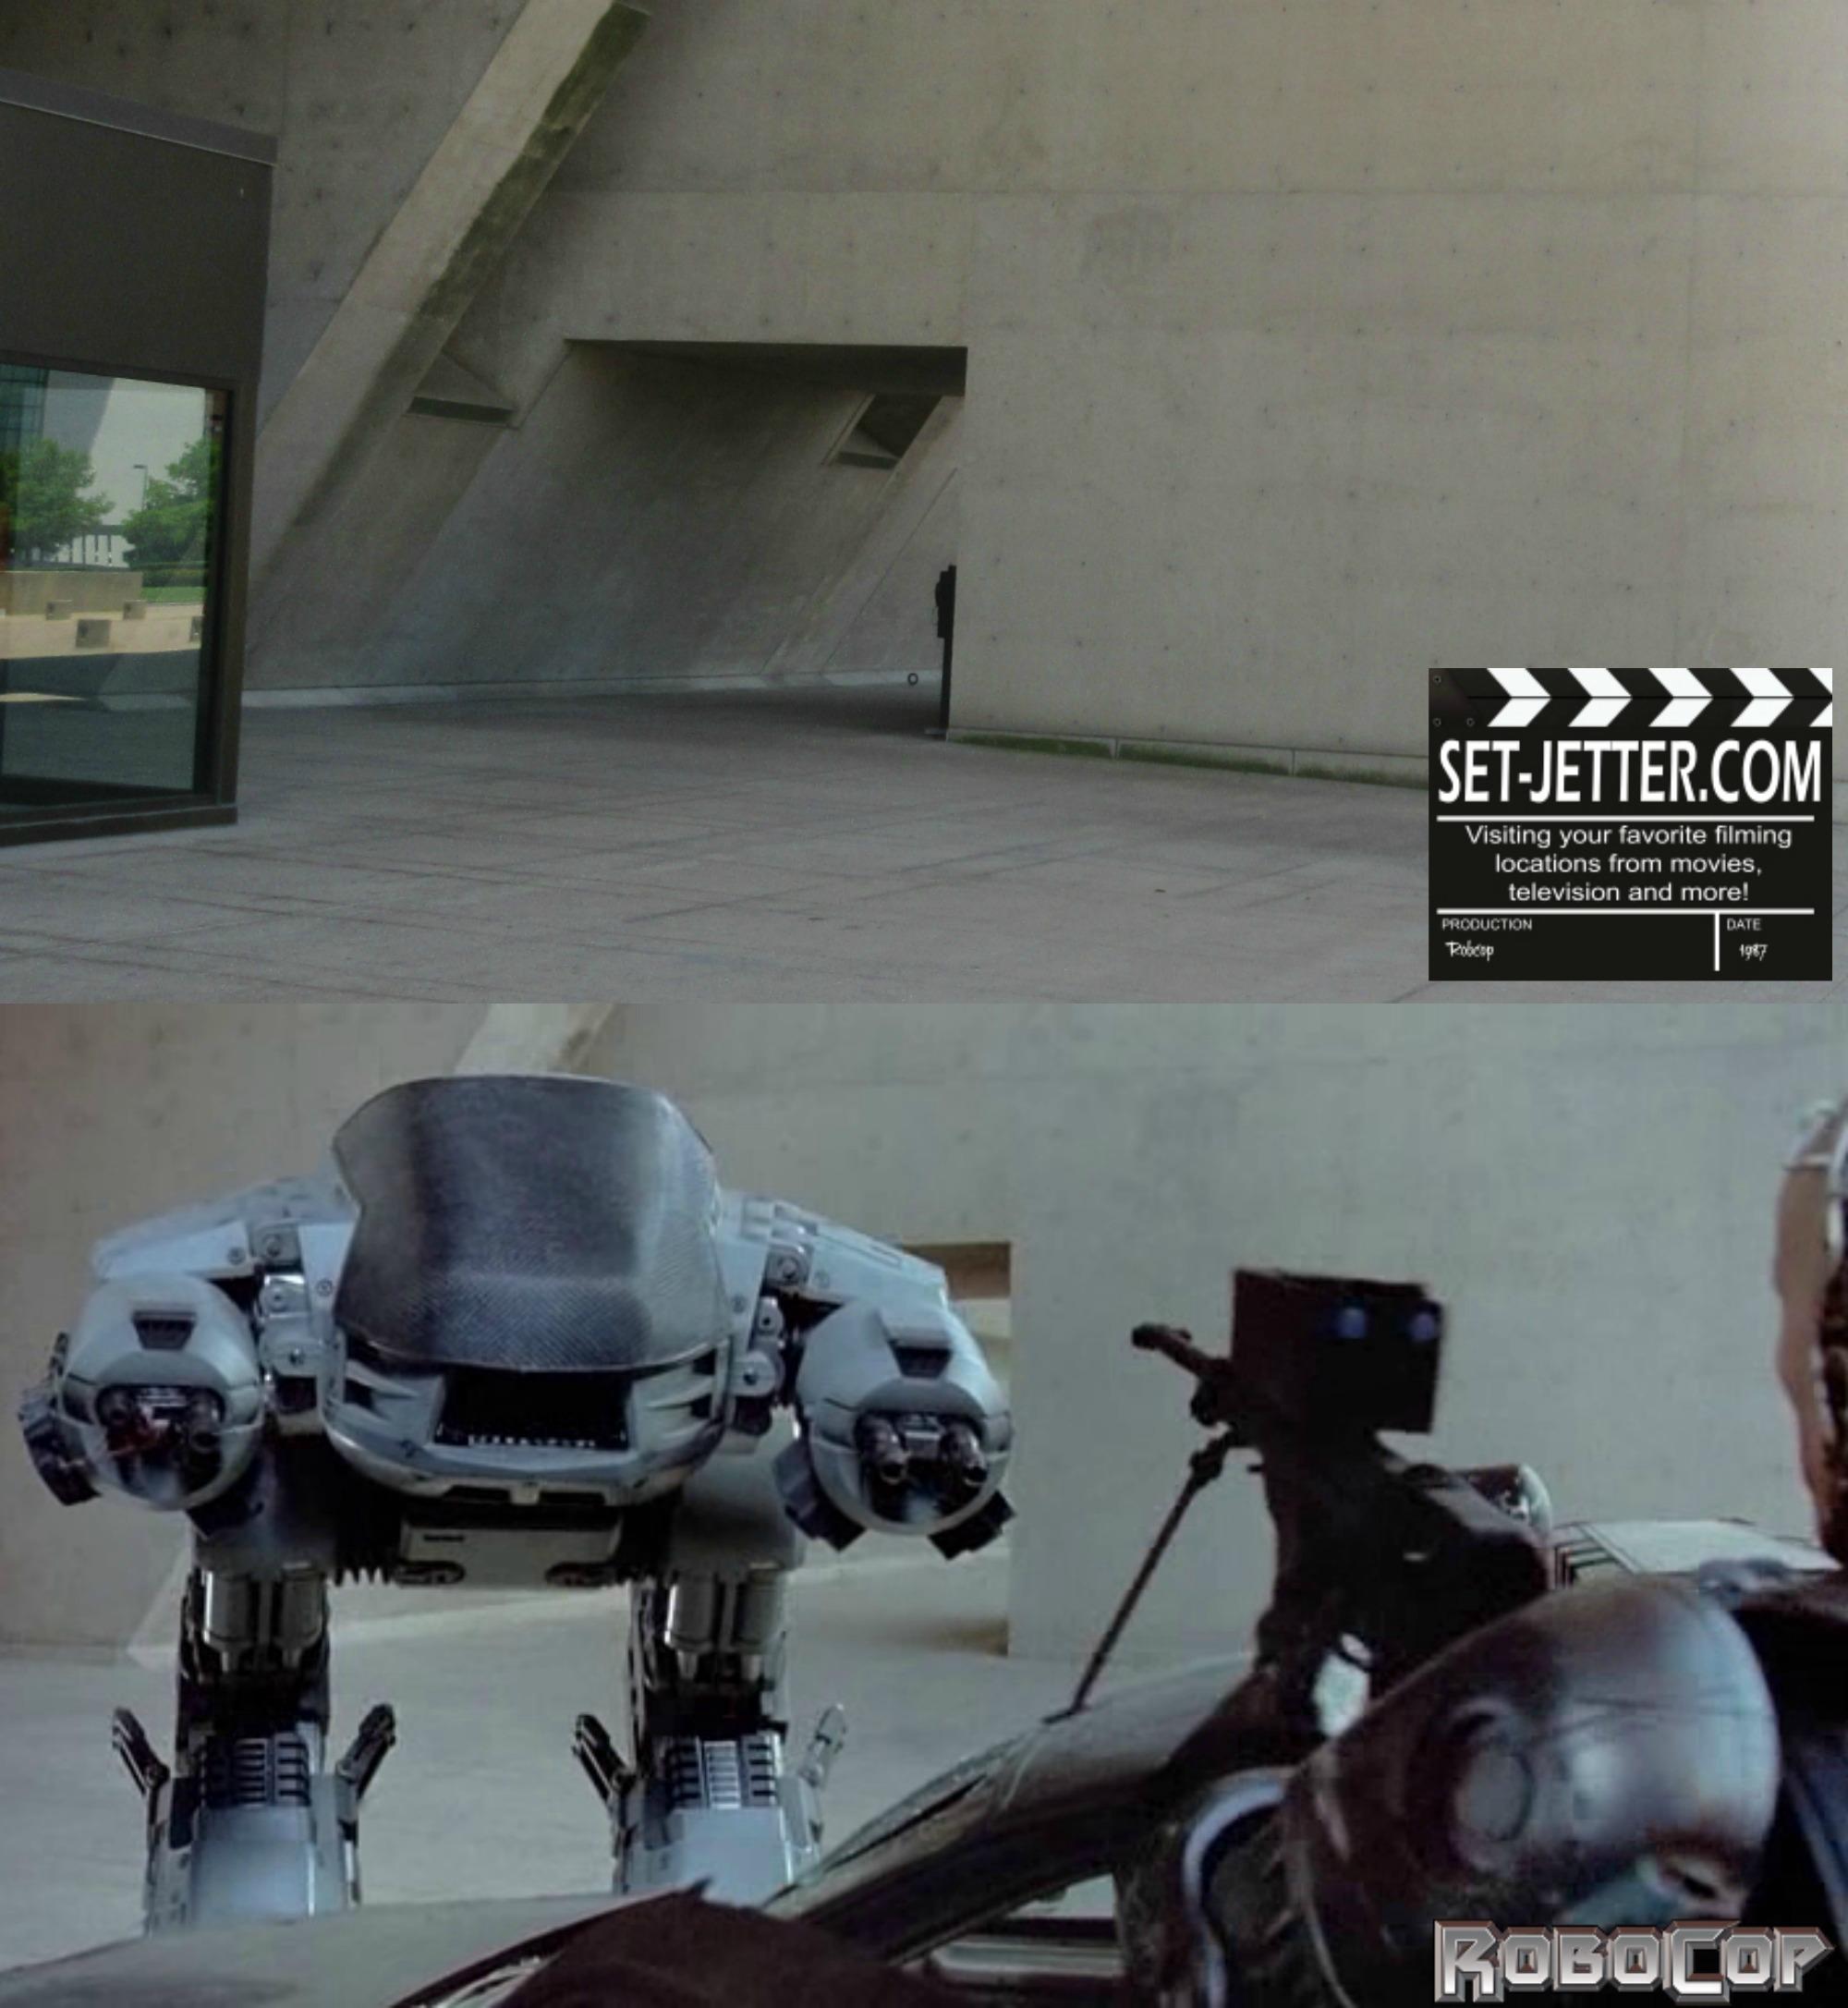 Robocop comparison 174.jpg